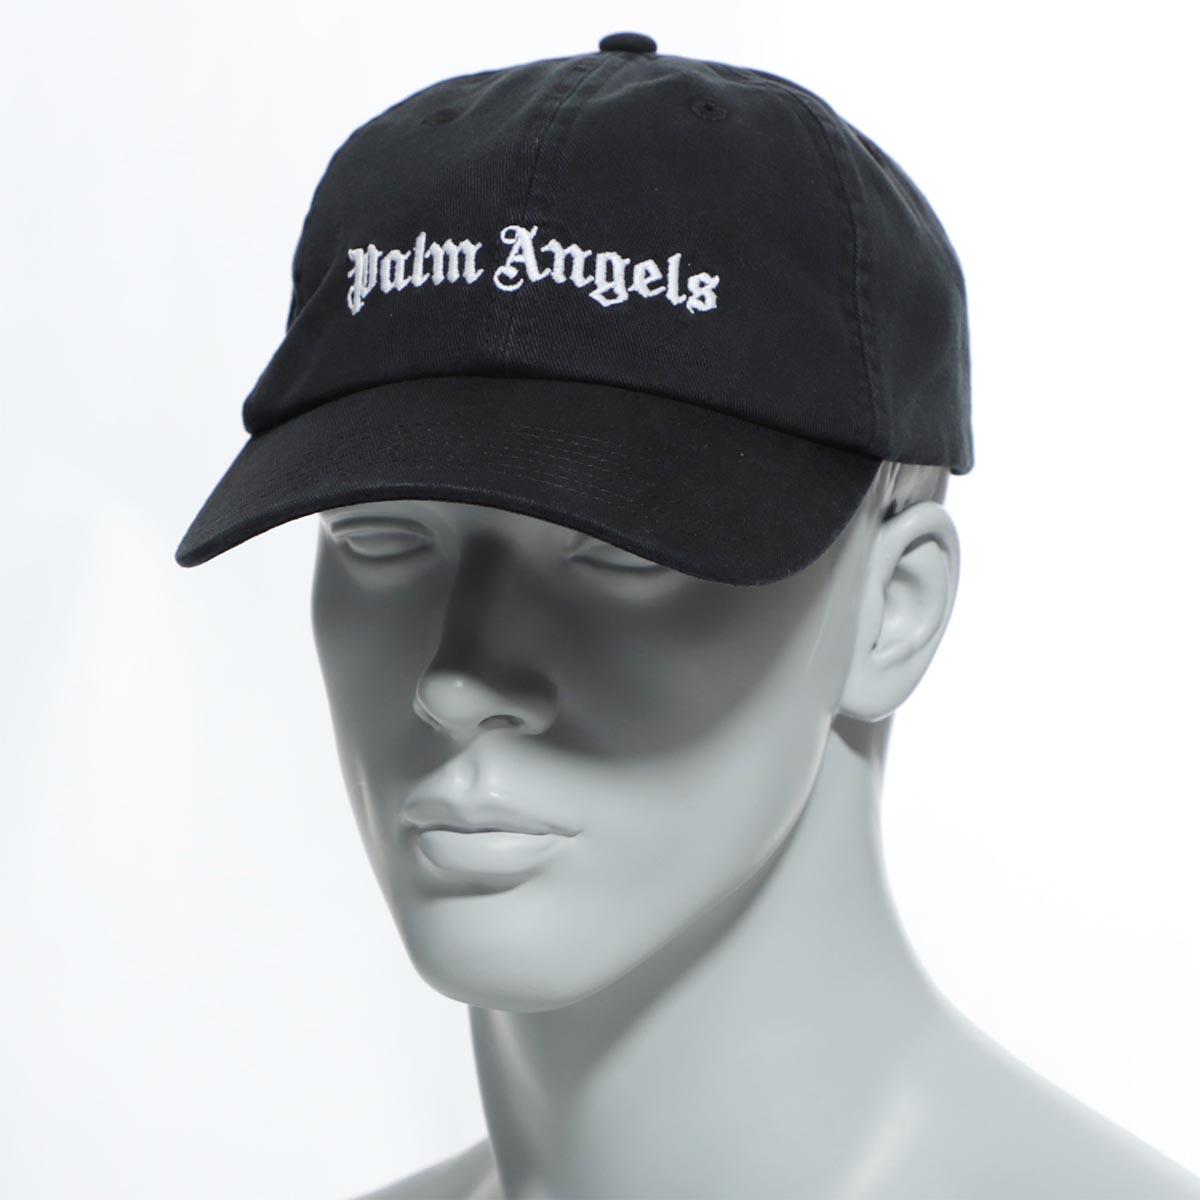 パーム エンジェルス PALM ANGELS キャップ ブラック メンズ コットン 綿 帽子 pmlb003r20224001 1001 CLASSIC LOGO CAP【あす楽対応_関東】【返品送料無料】【ラッピング無料】